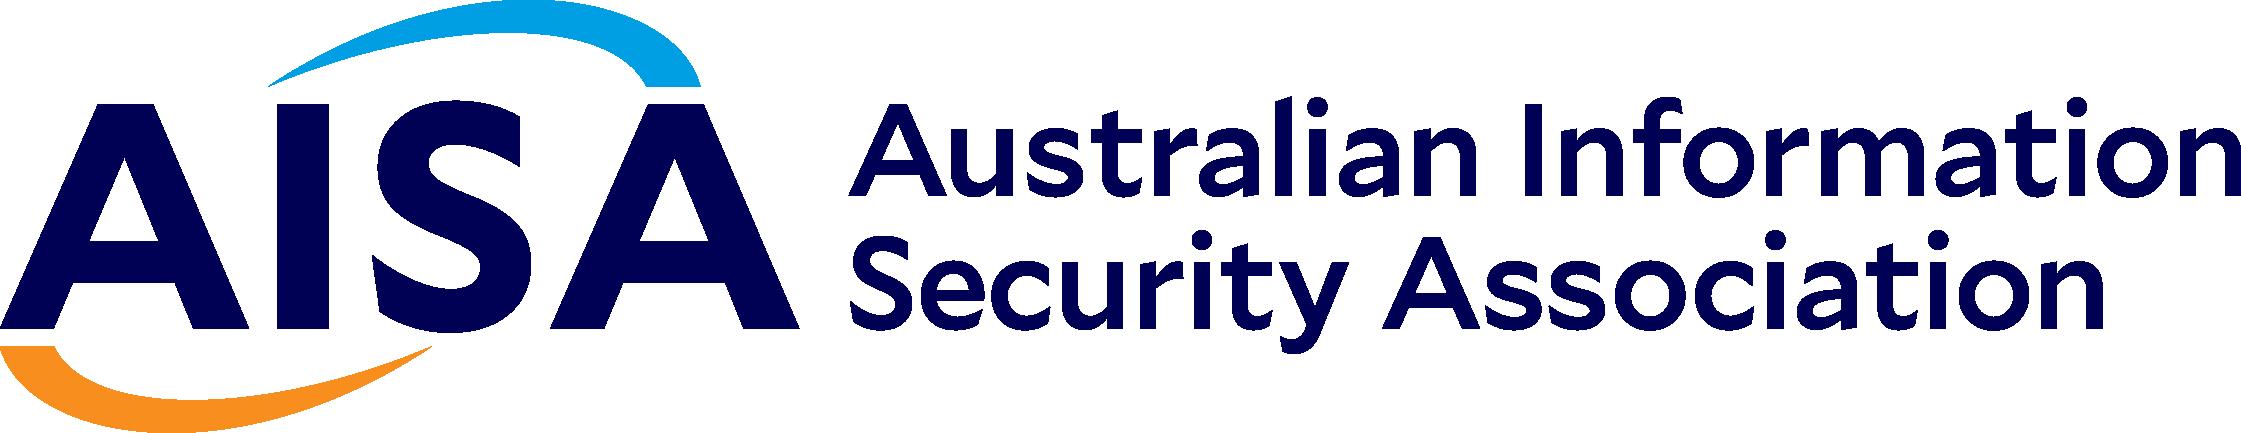 Logo australijskiego stowarzyszenia ds. bezpieczeństwa informacji AISA